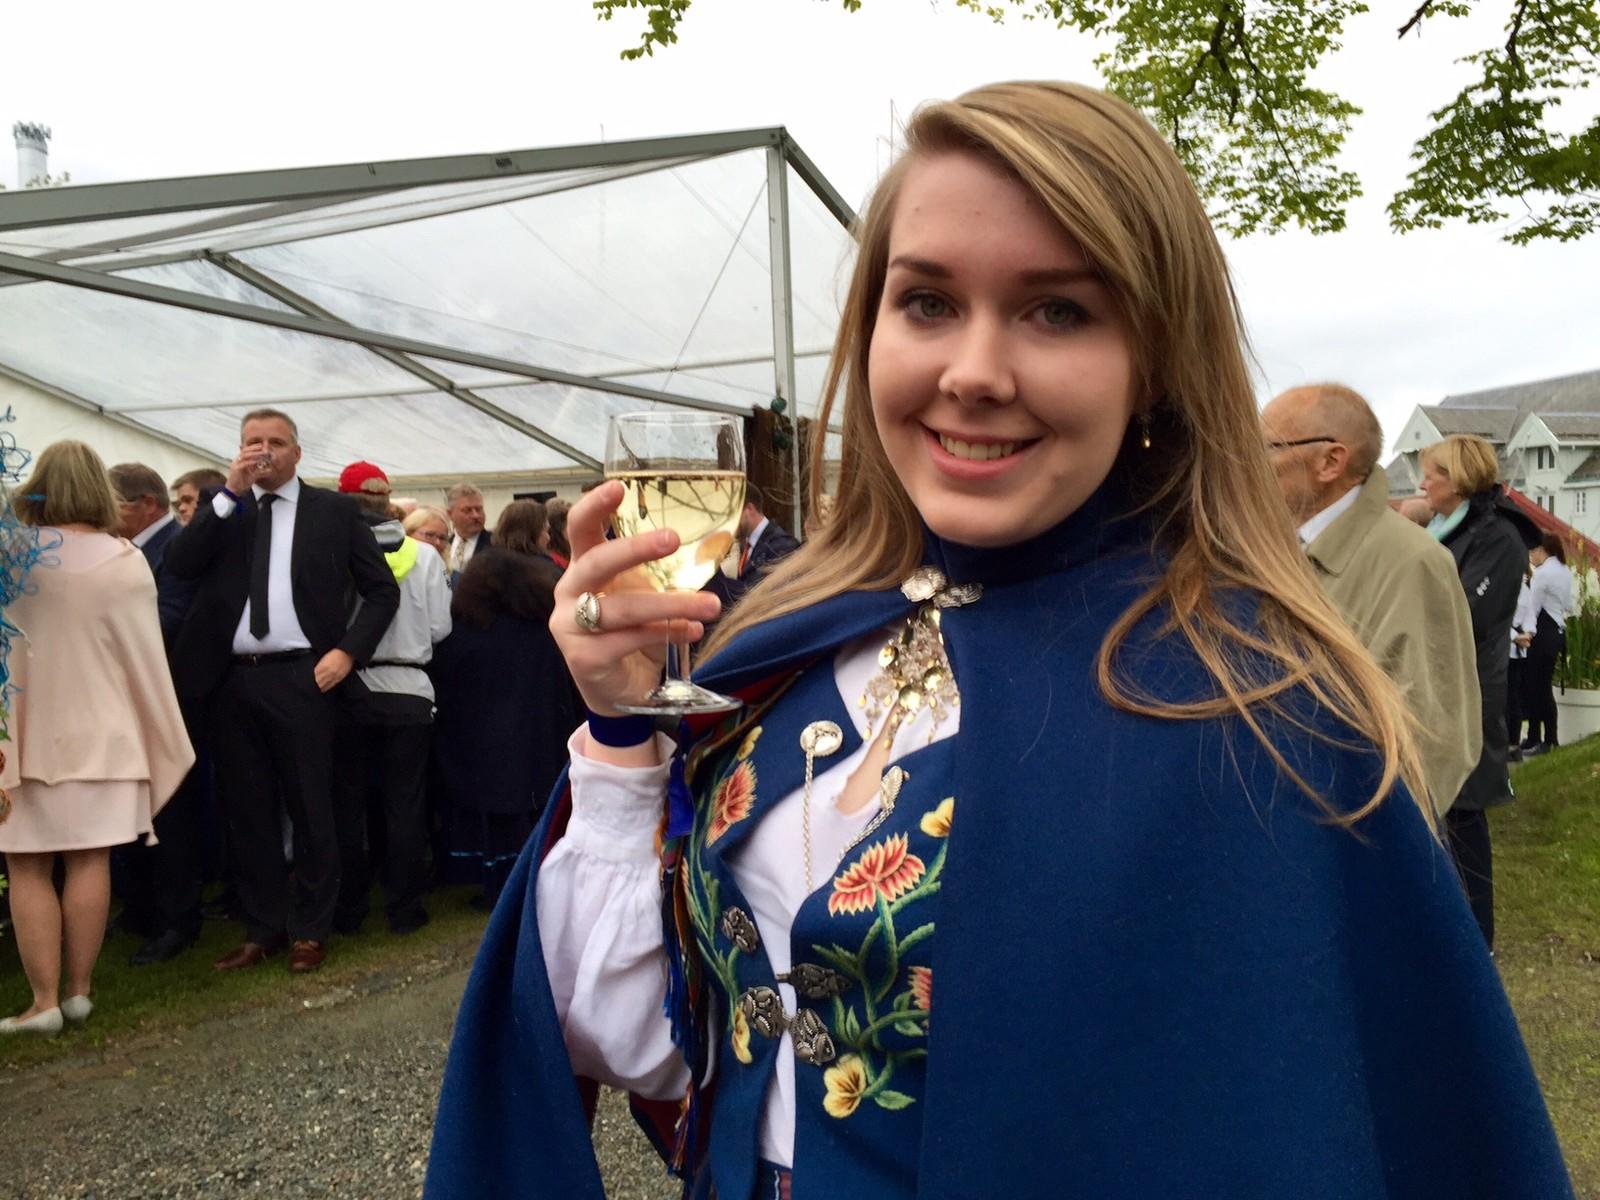 Johanne Marlene Hansen (18) er leder av ungdommens fylkesråd i Troms. Hun holdt tale til kongeparet under hagefesten i Tromsø lørdag.